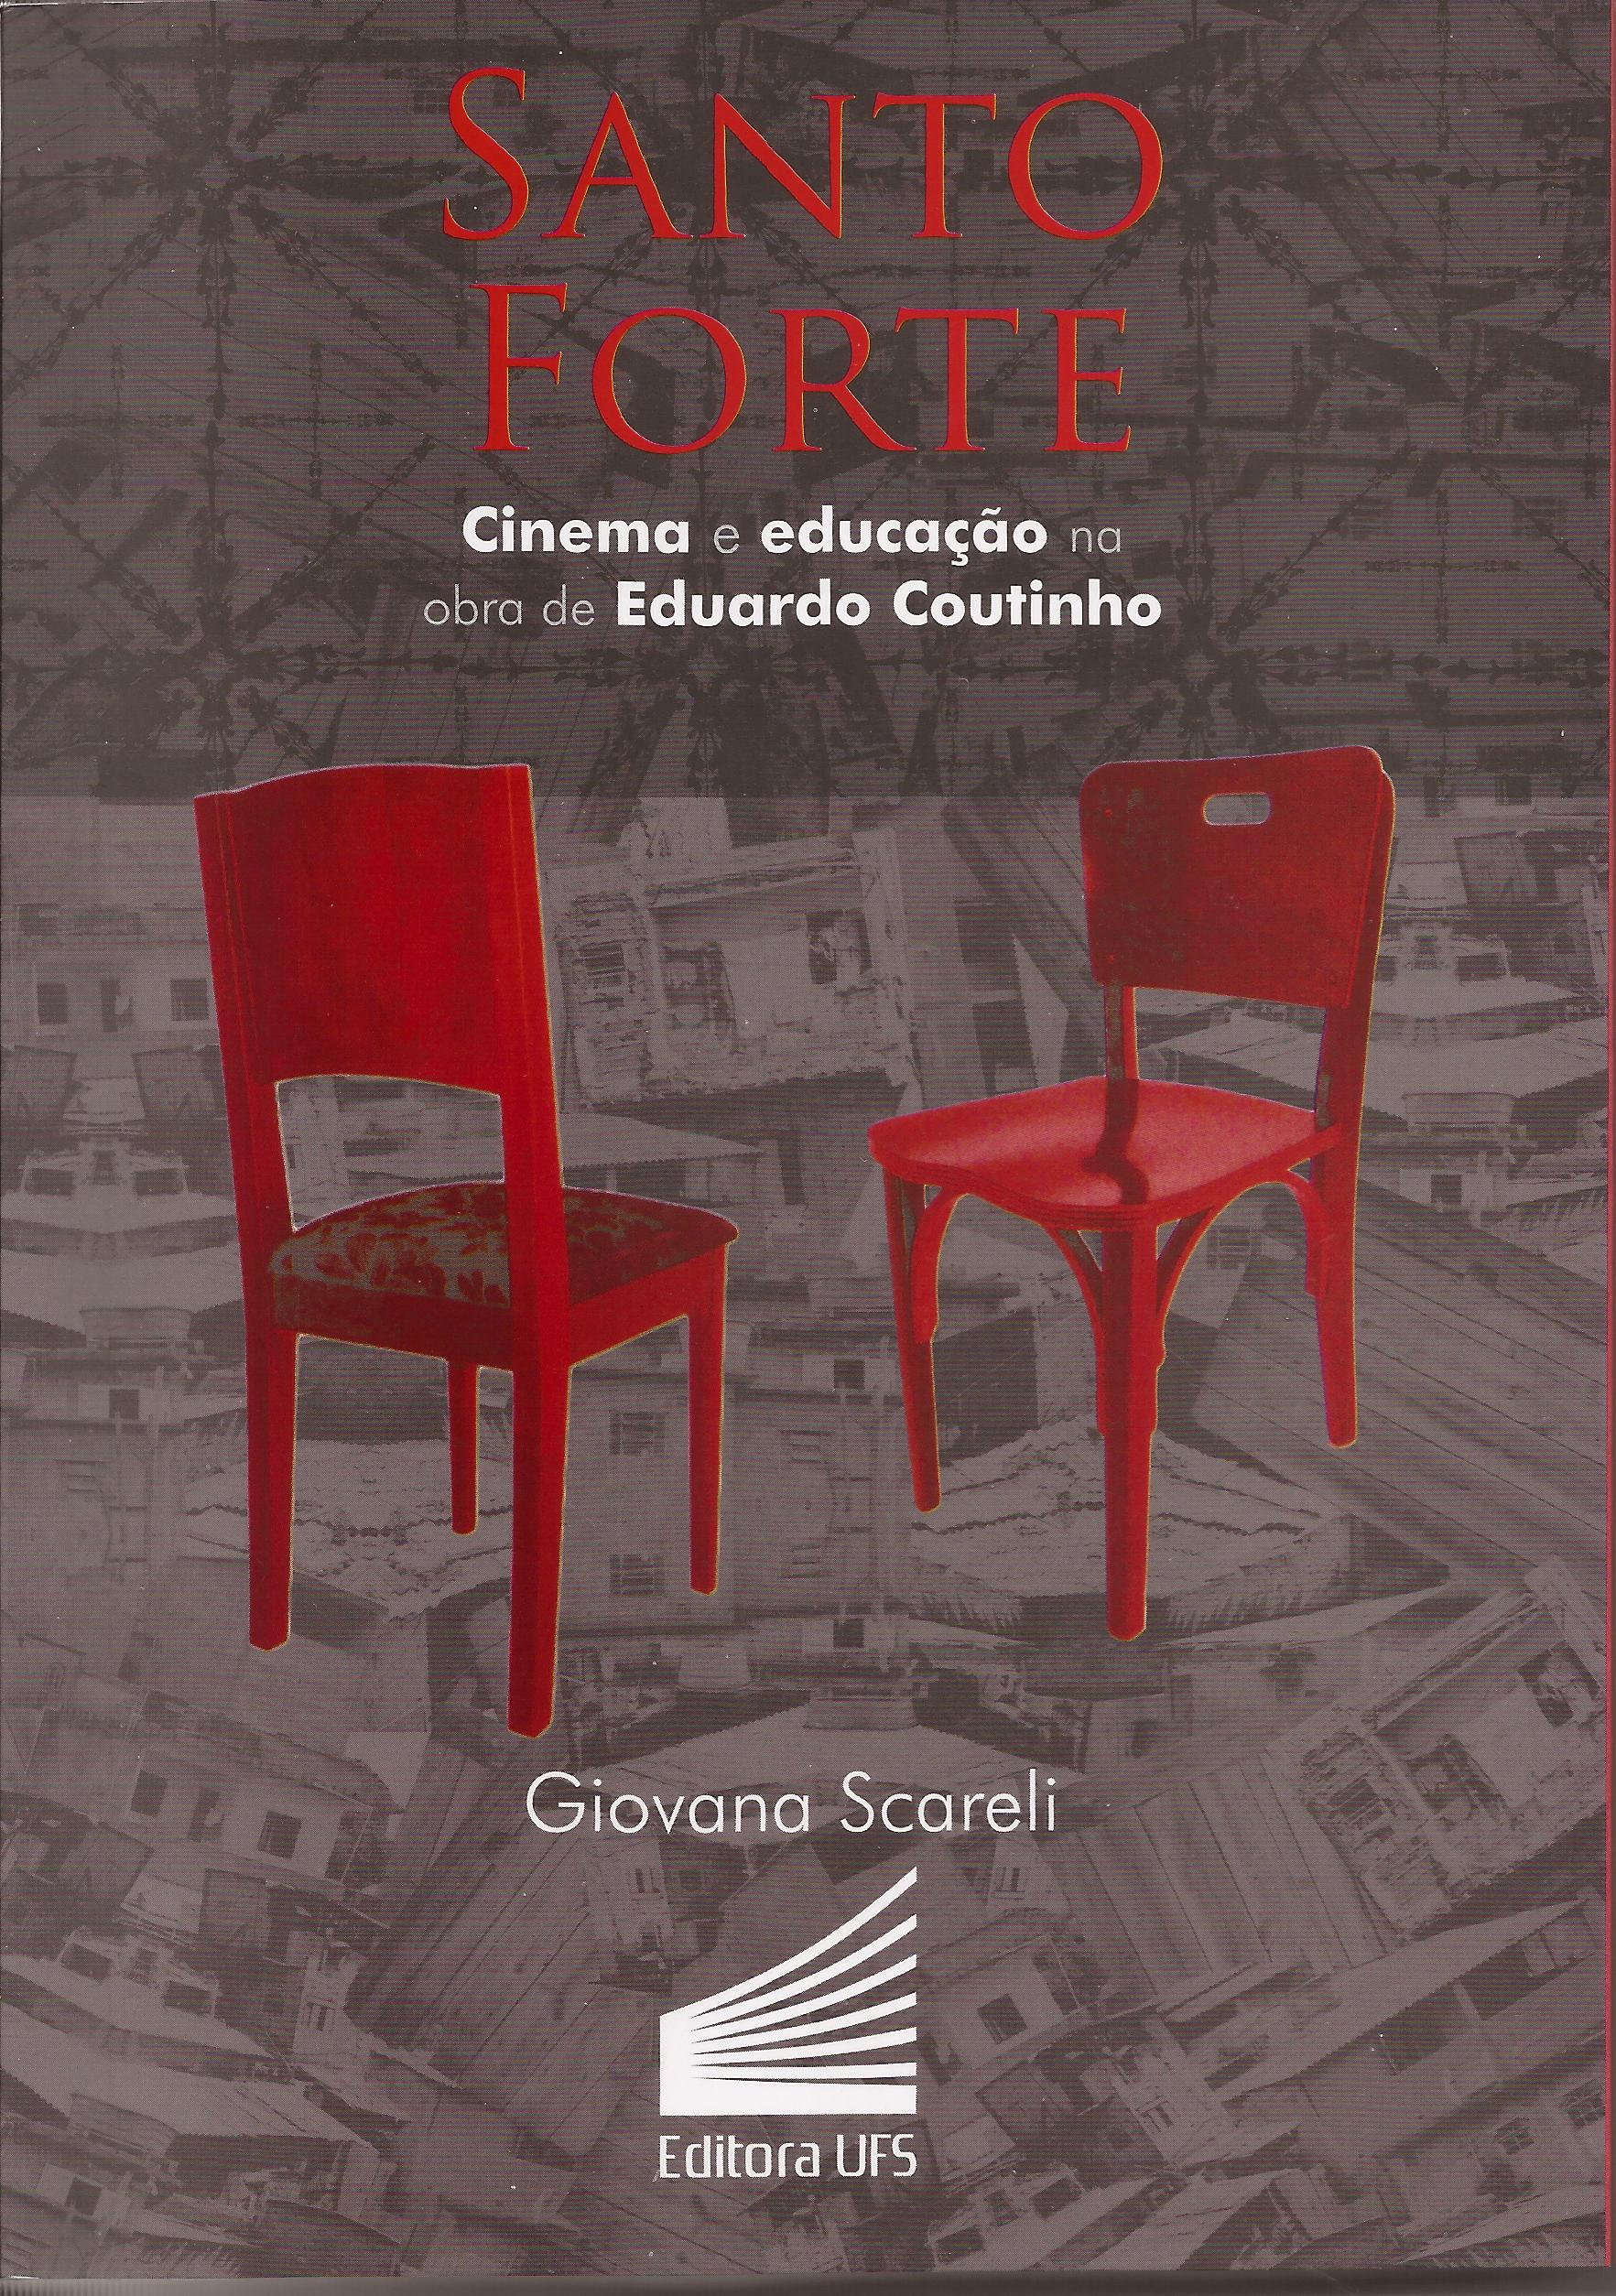 Santo Forte: Cinema e educação na obra de Eduardo Coutinho